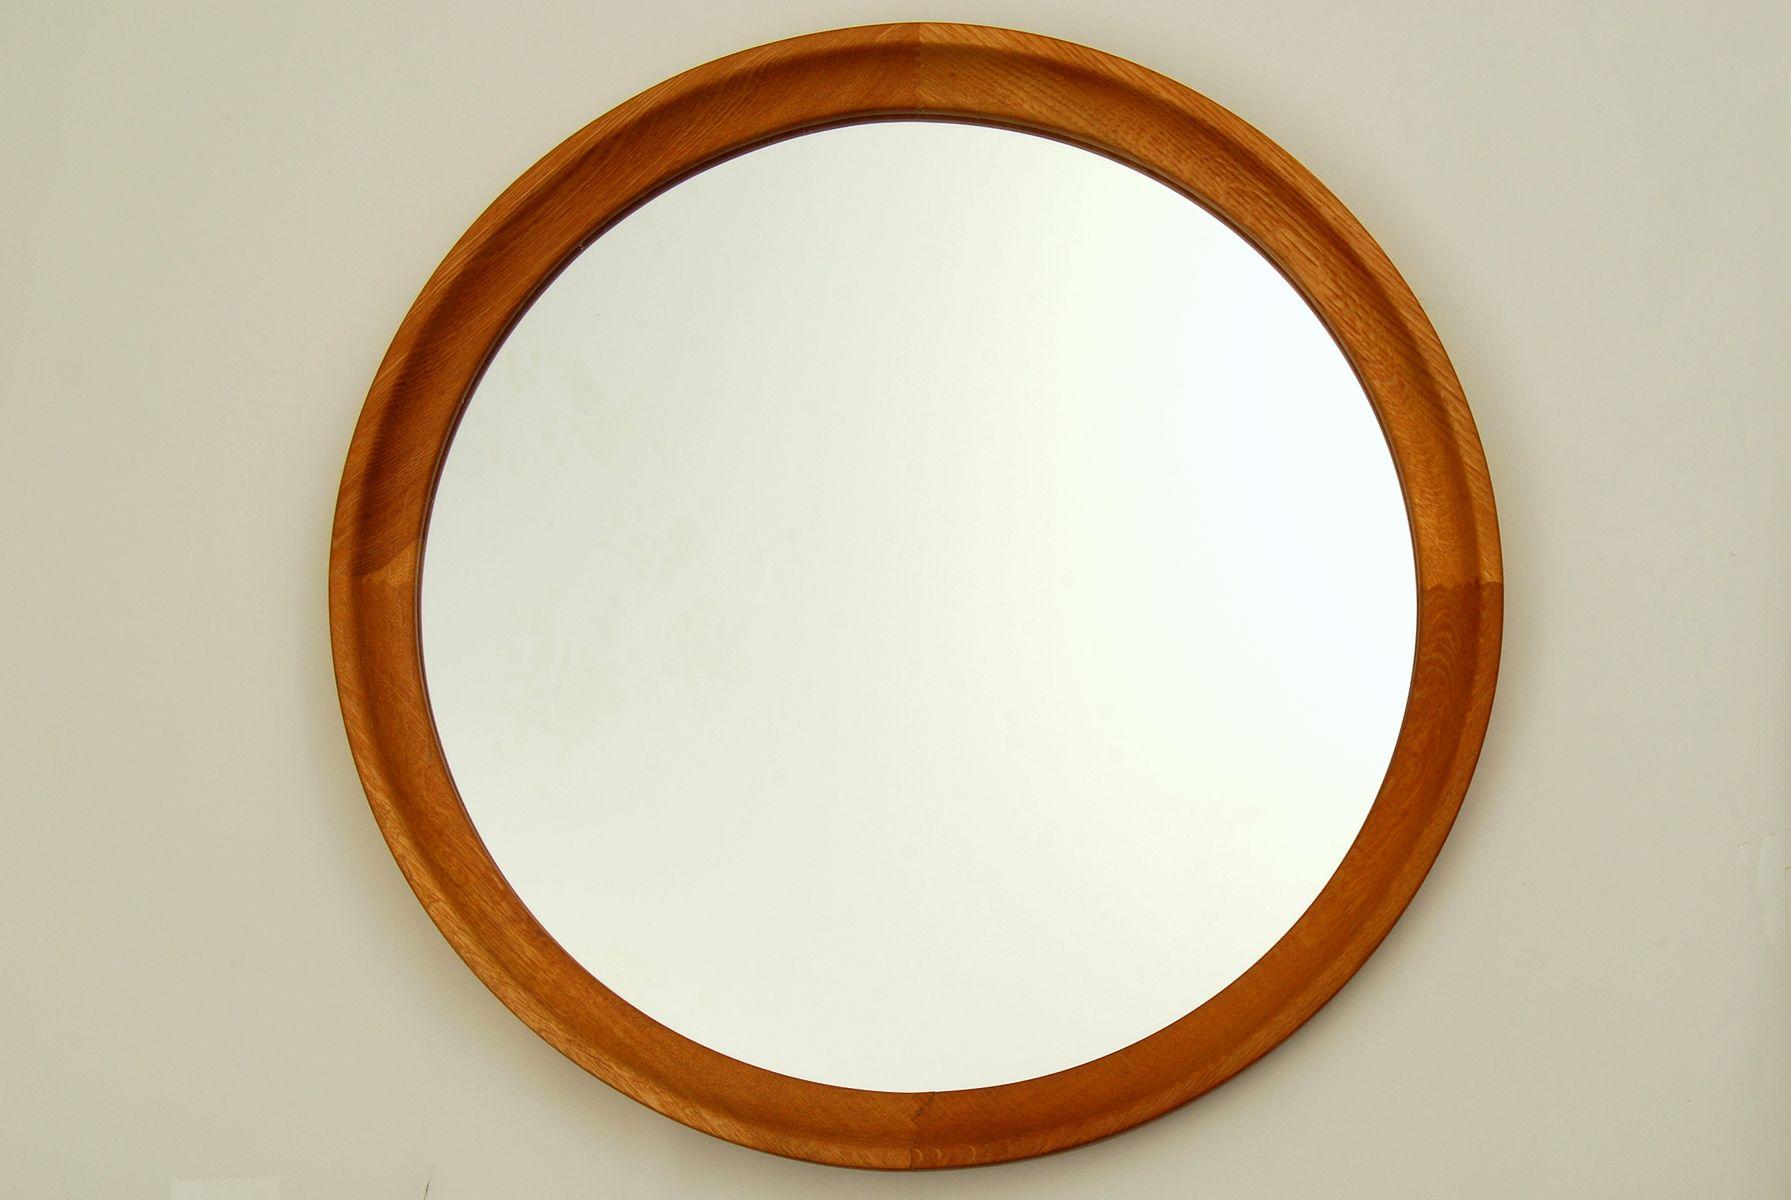 schwedischer runder spiegel mit rahmen aus eichenholz 1960er bei pamono kaufen. Black Bedroom Furniture Sets. Home Design Ideas